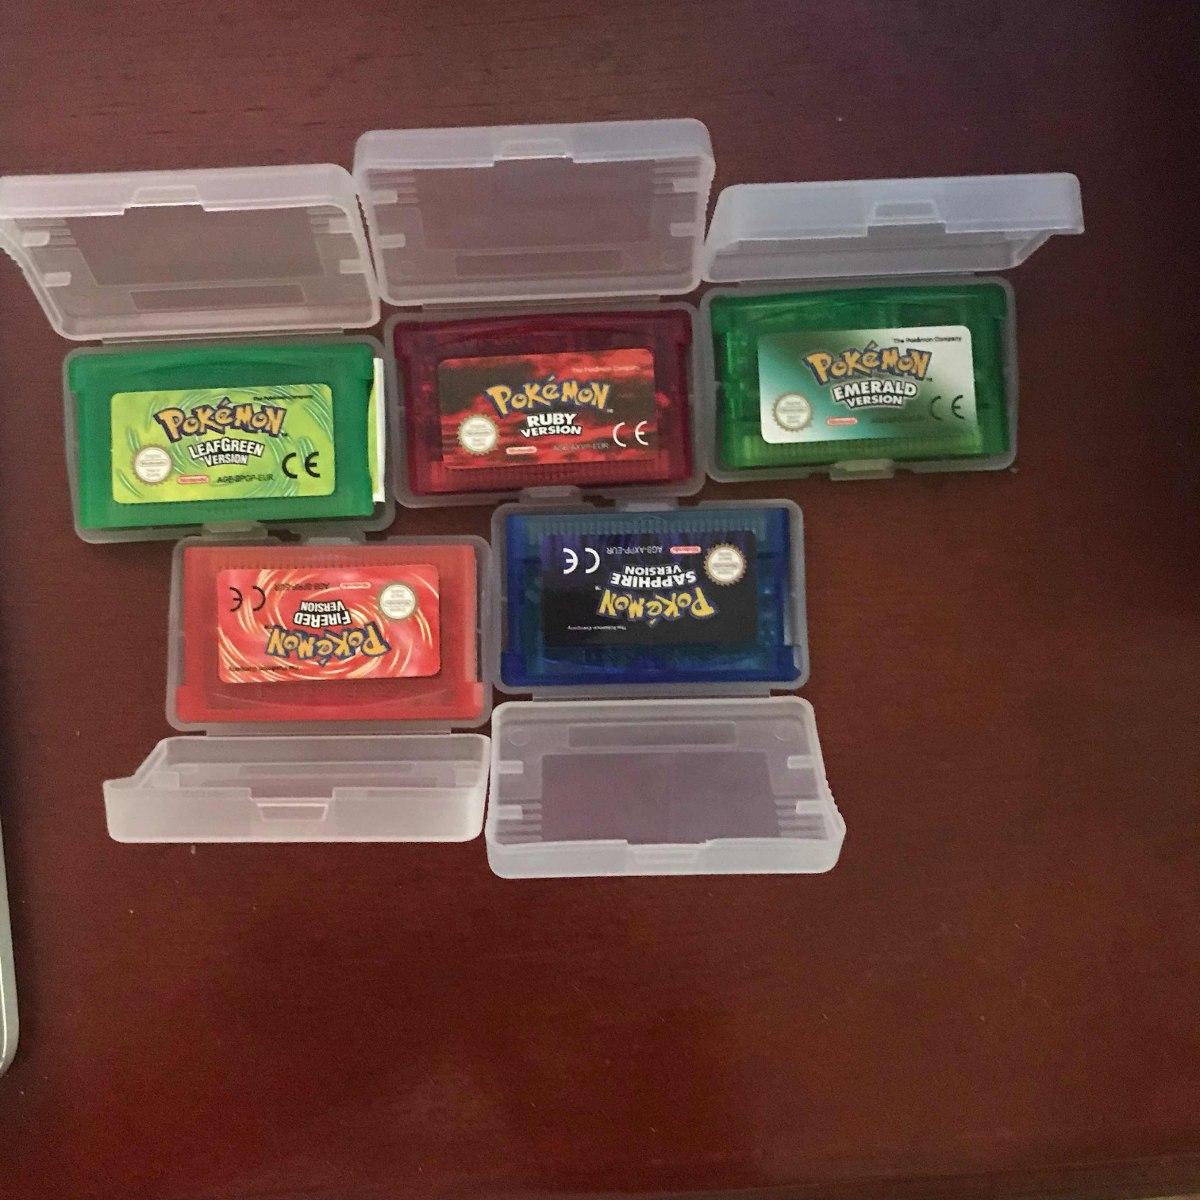 Pak 5 Juegos Pokemon Espanol Re Pro Envio Gratis 1 199 00 En